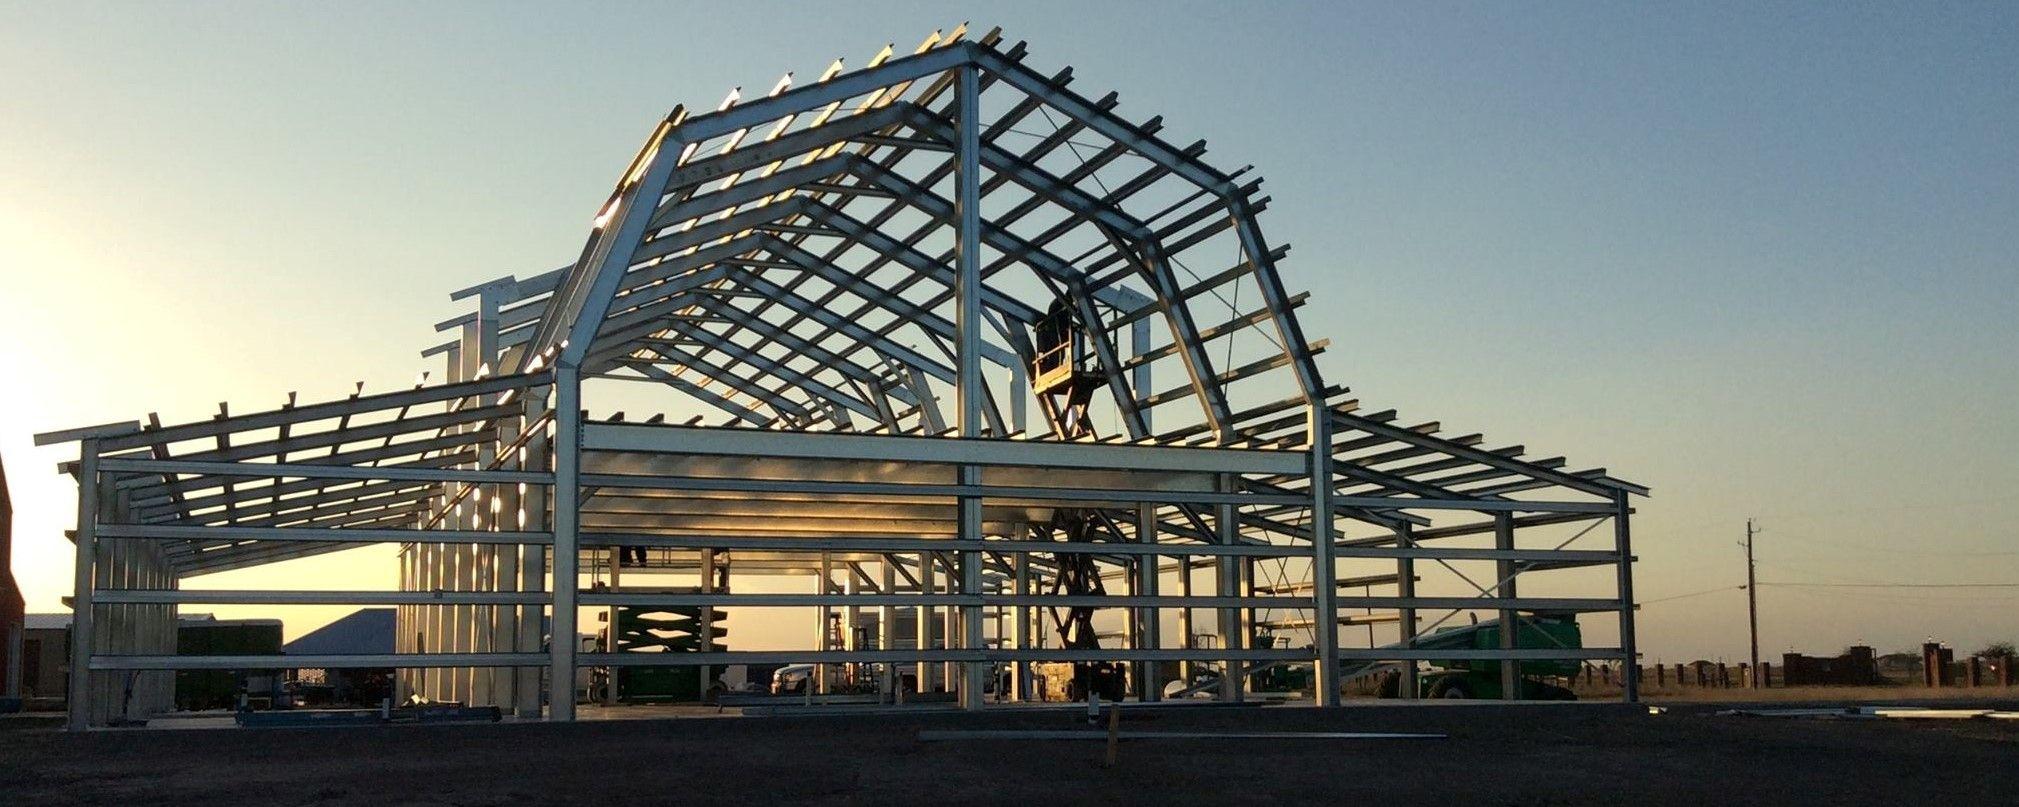 Фото металлокаркаса здания из легких металлоконстуркций